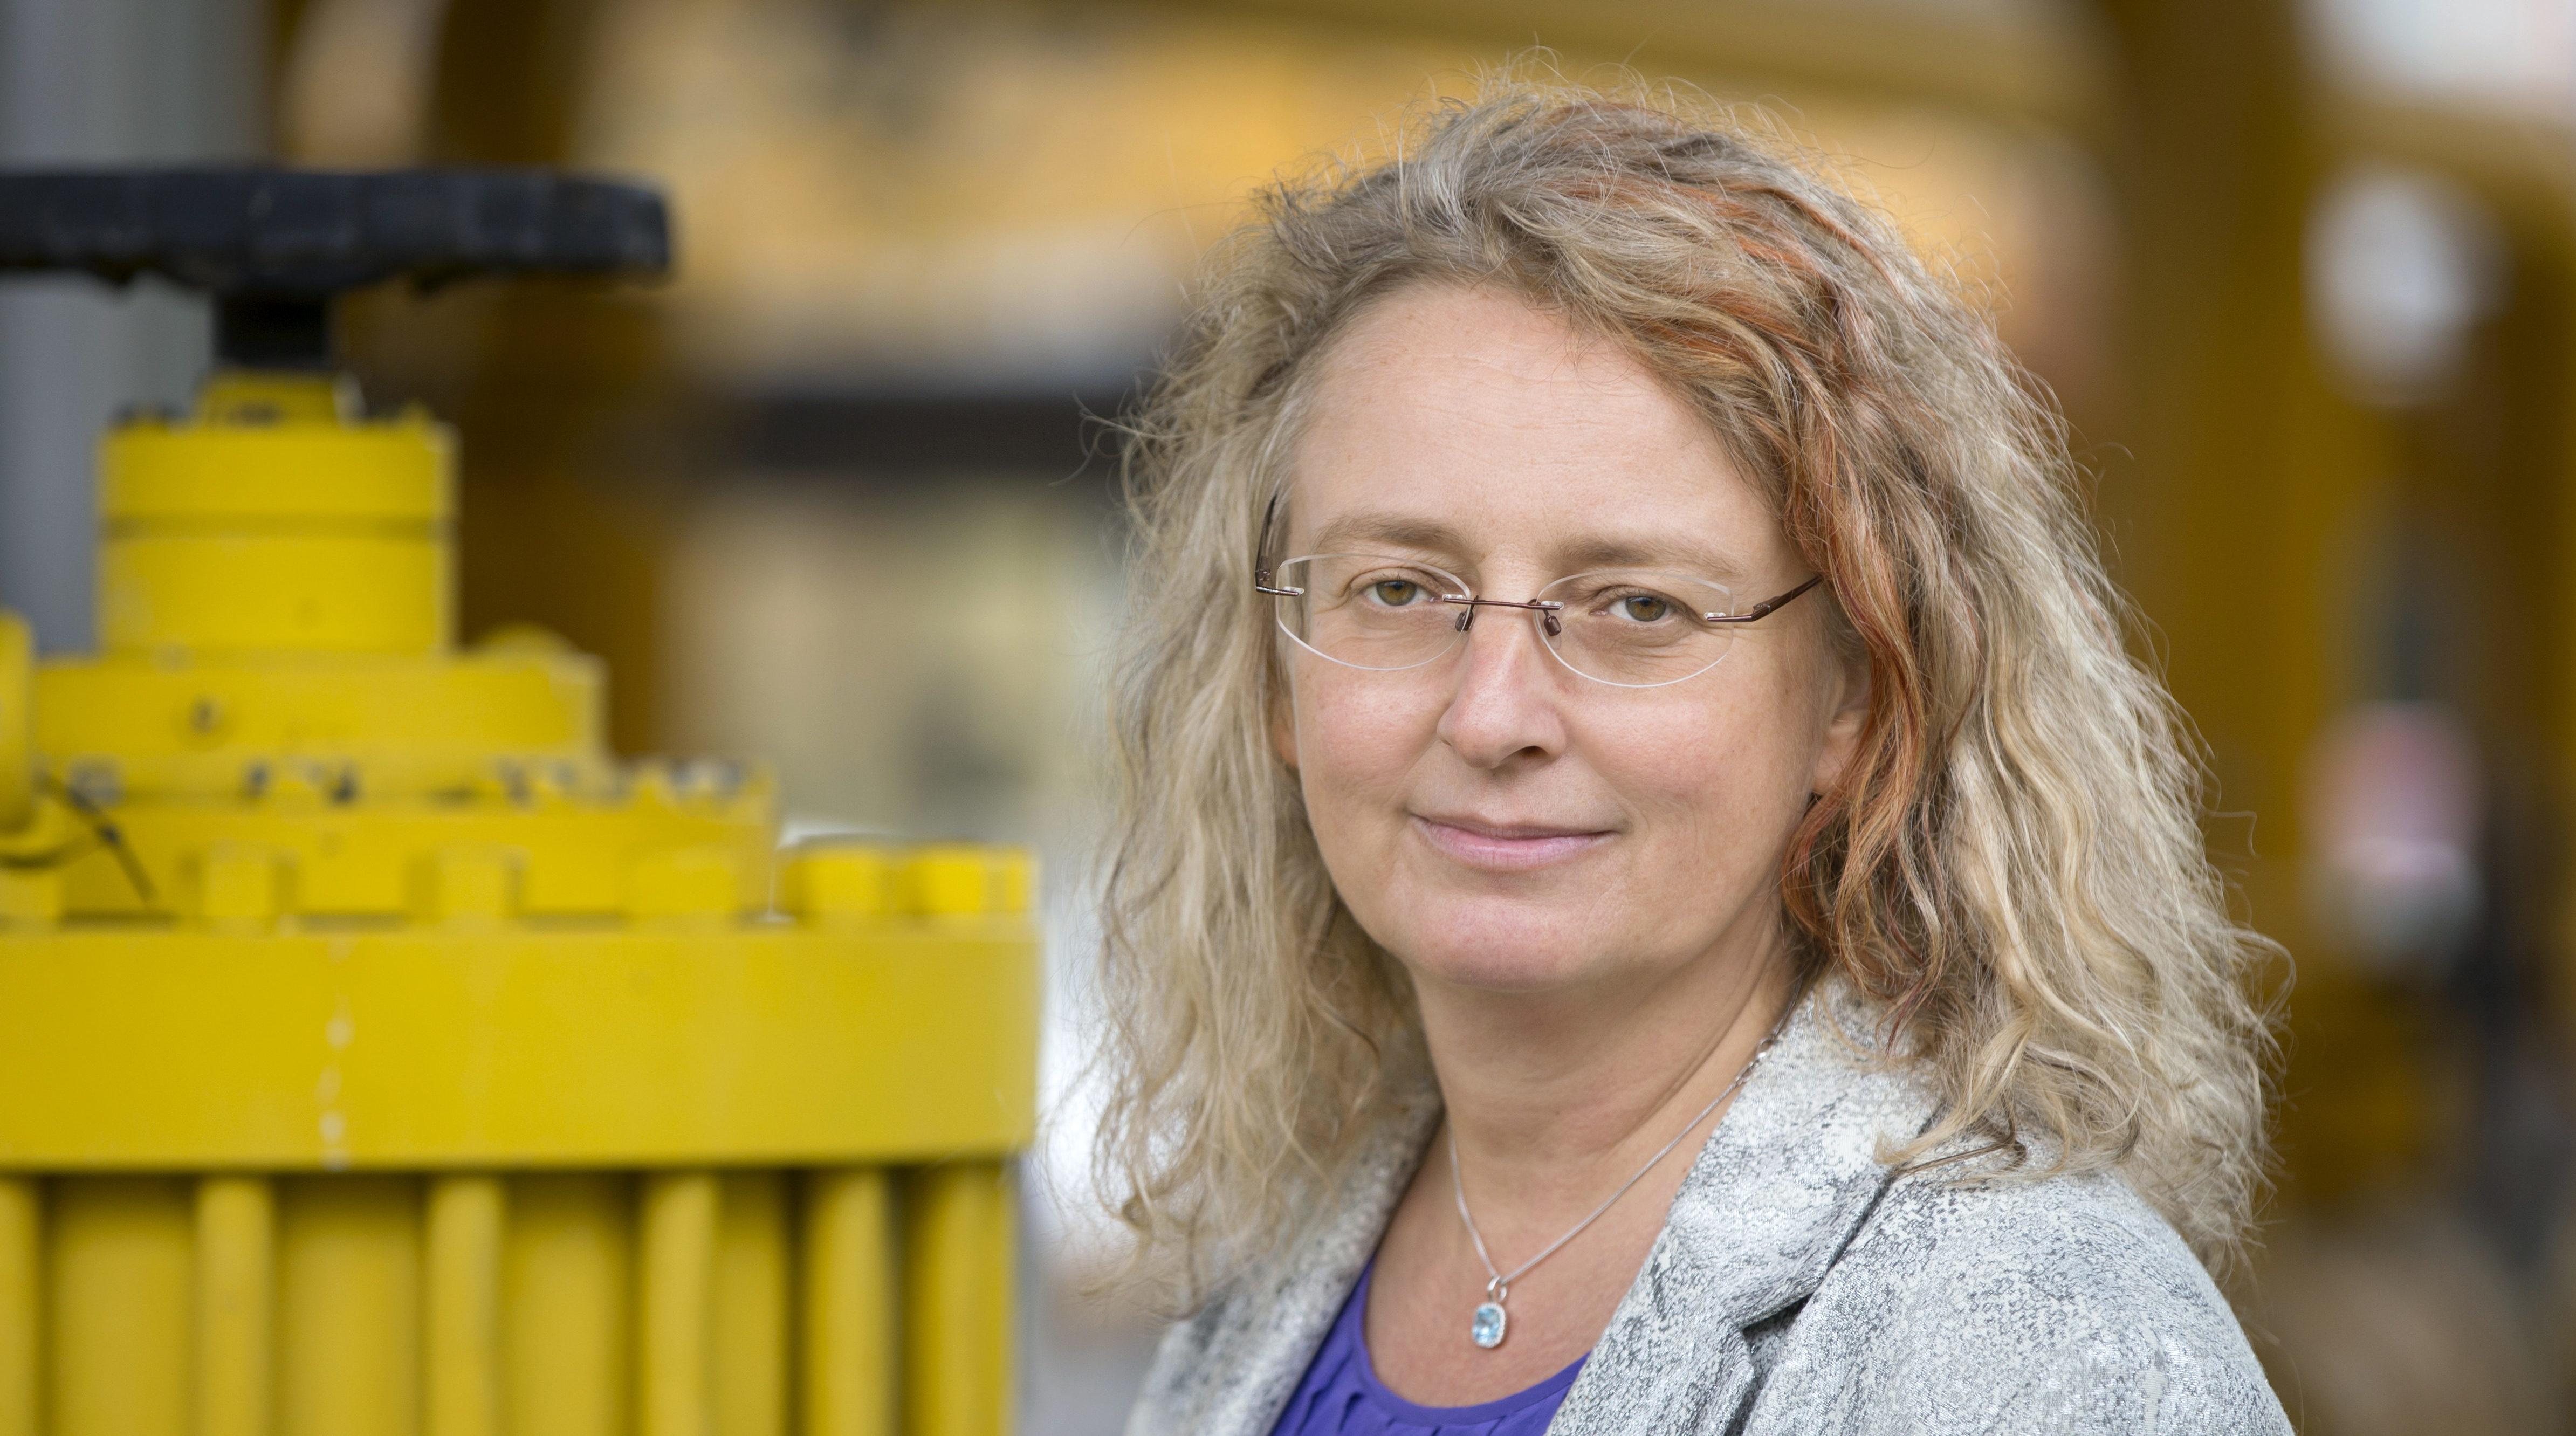 Daniela Decurtins, Geschäftsführerin VSG